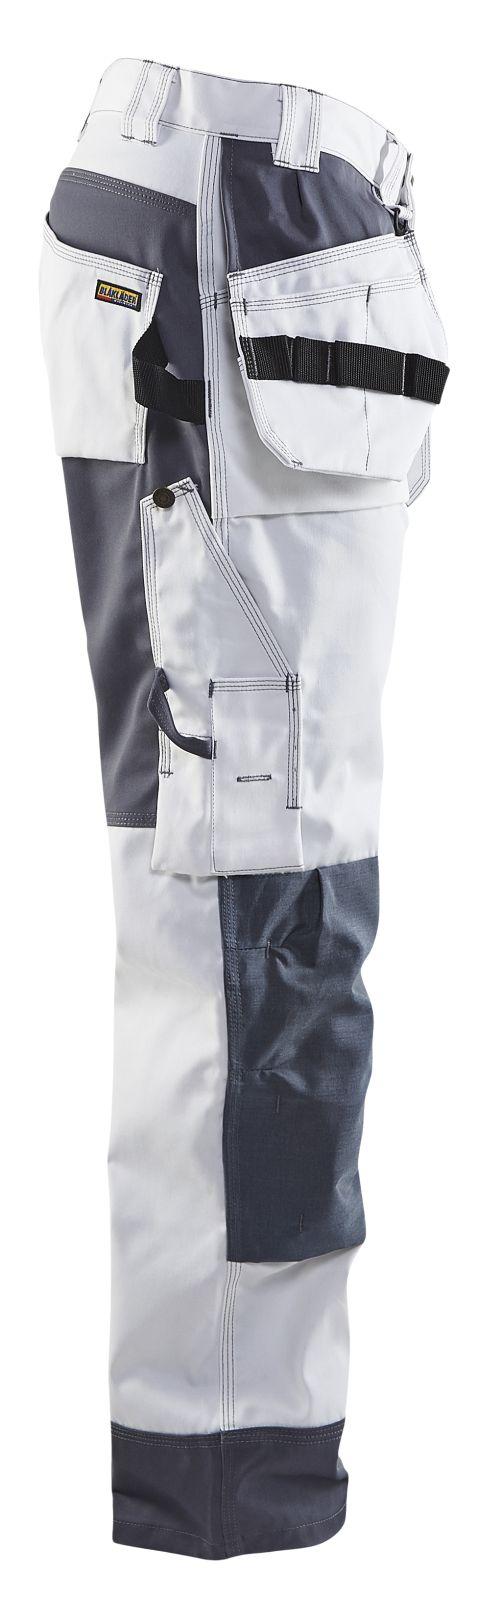 Blaklader Werkbroeken 15031860 wit-grijs(1094)